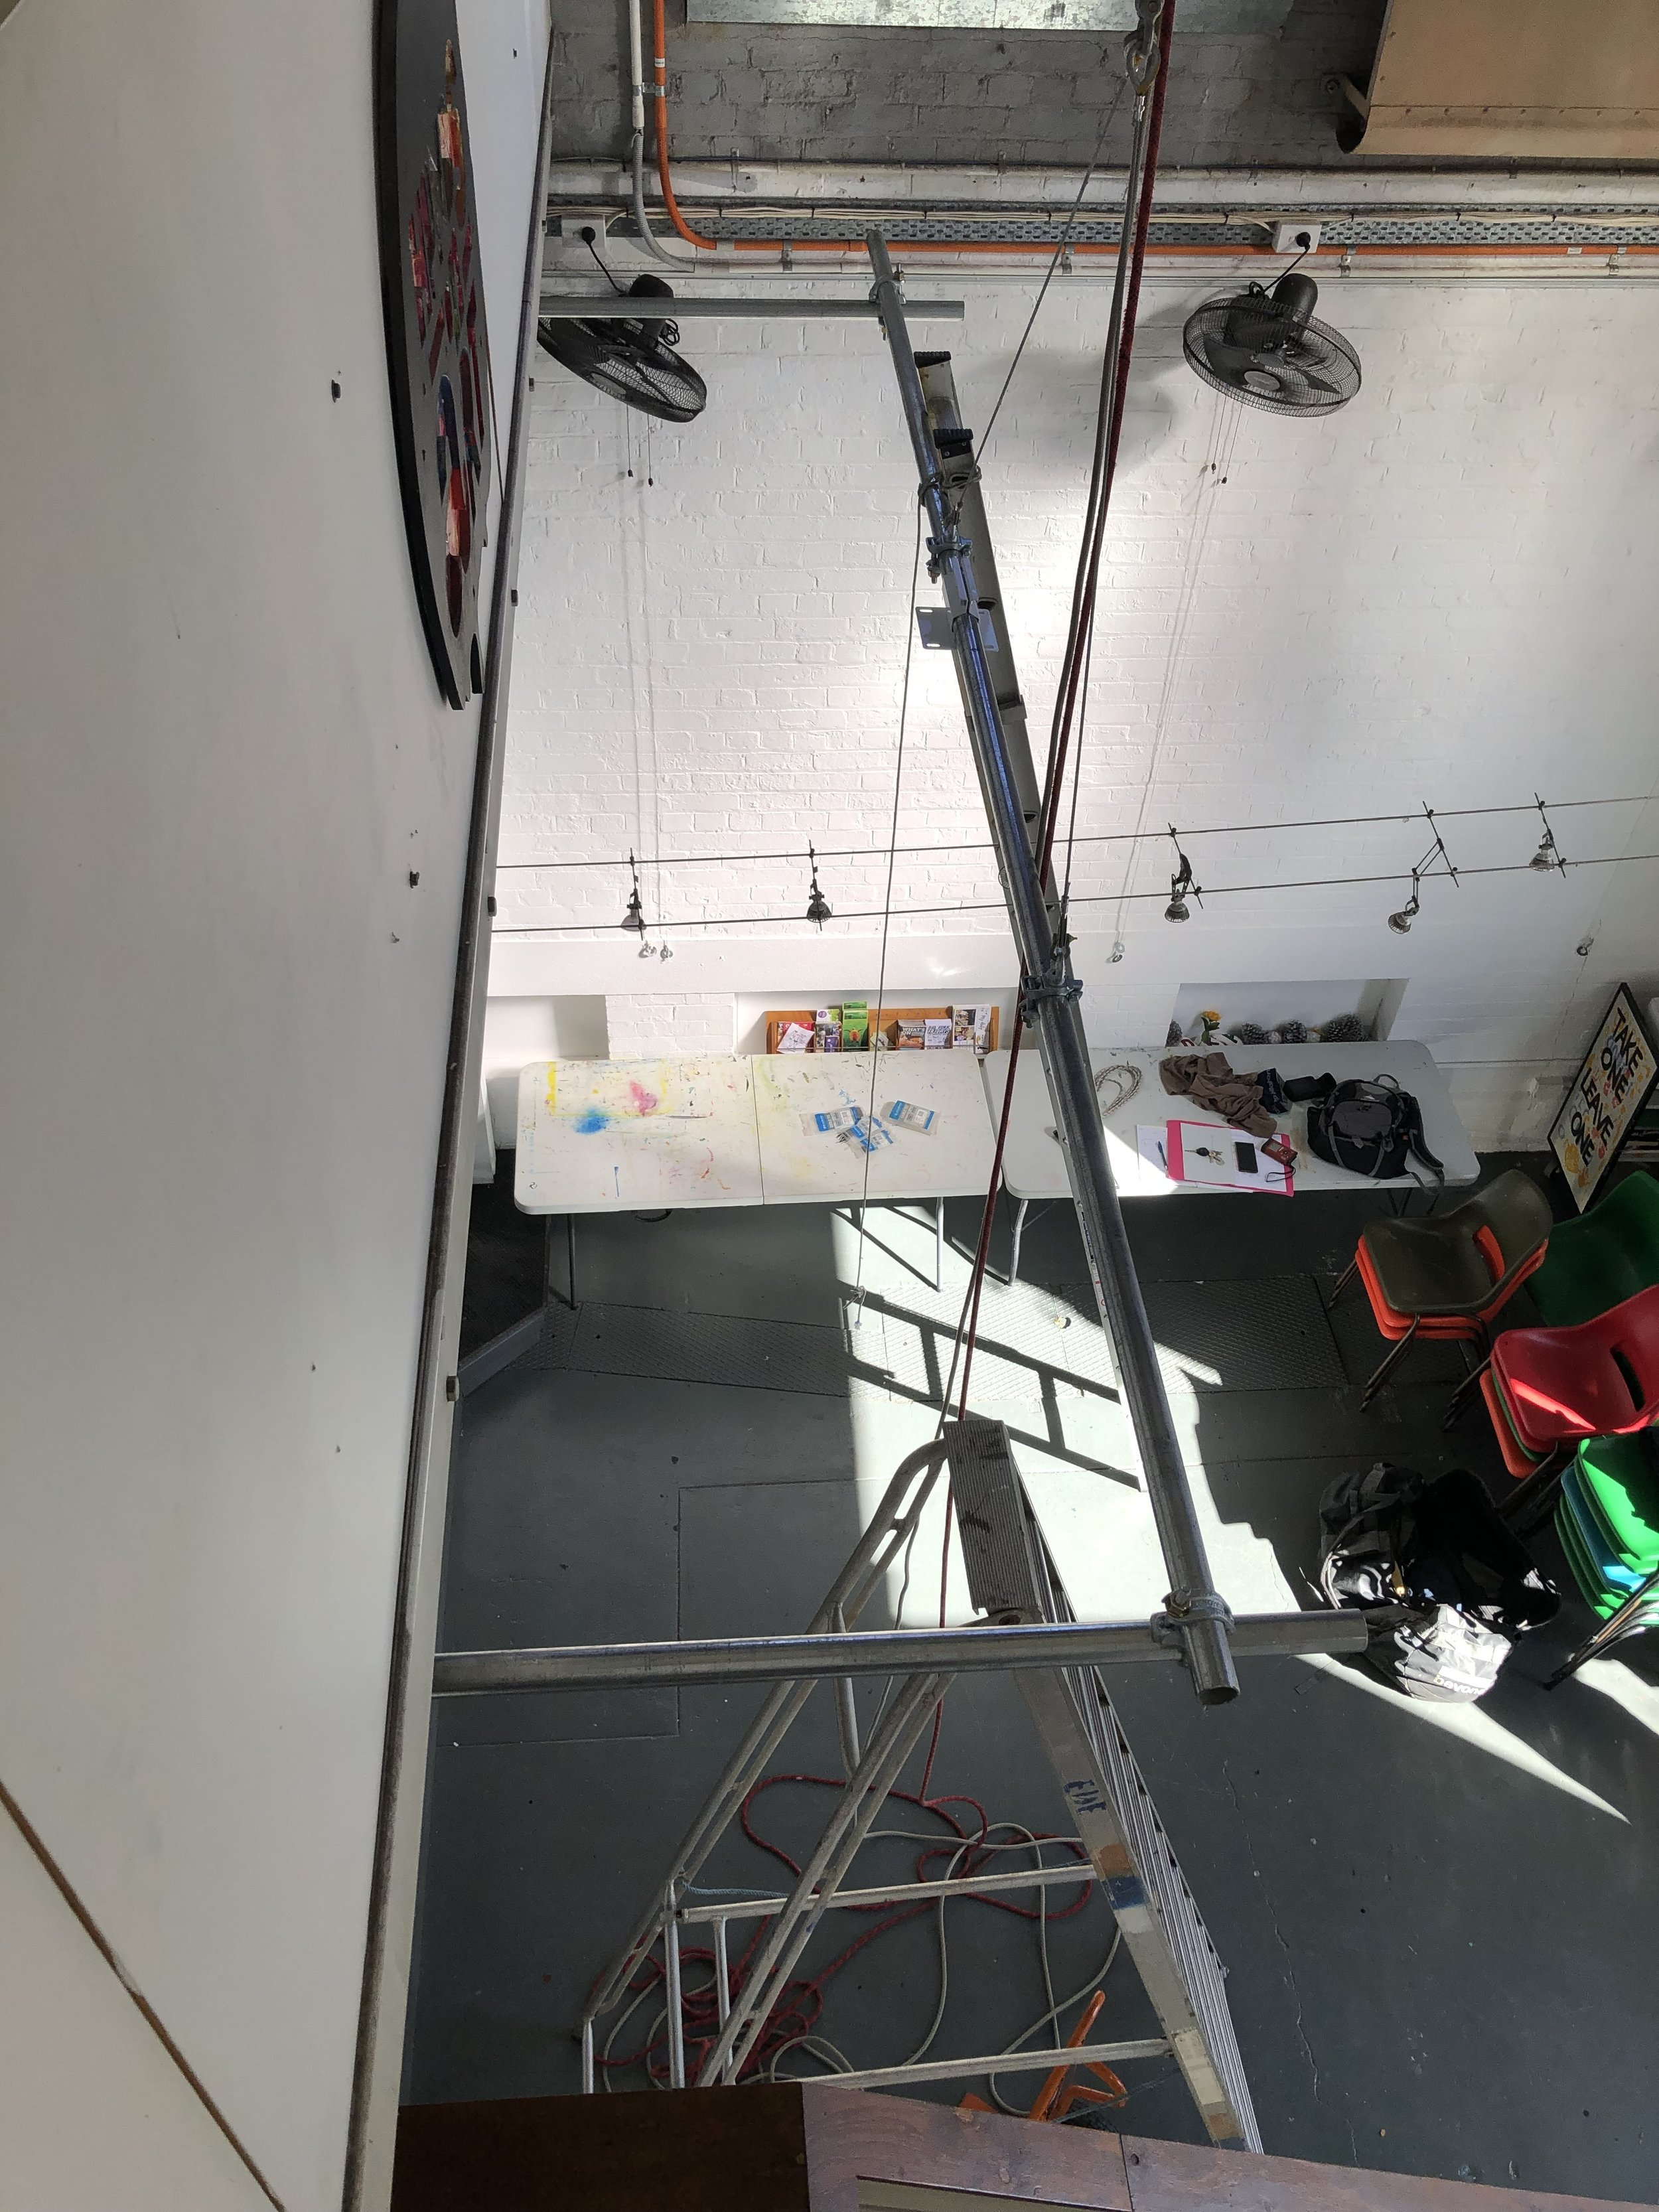 A little overhang